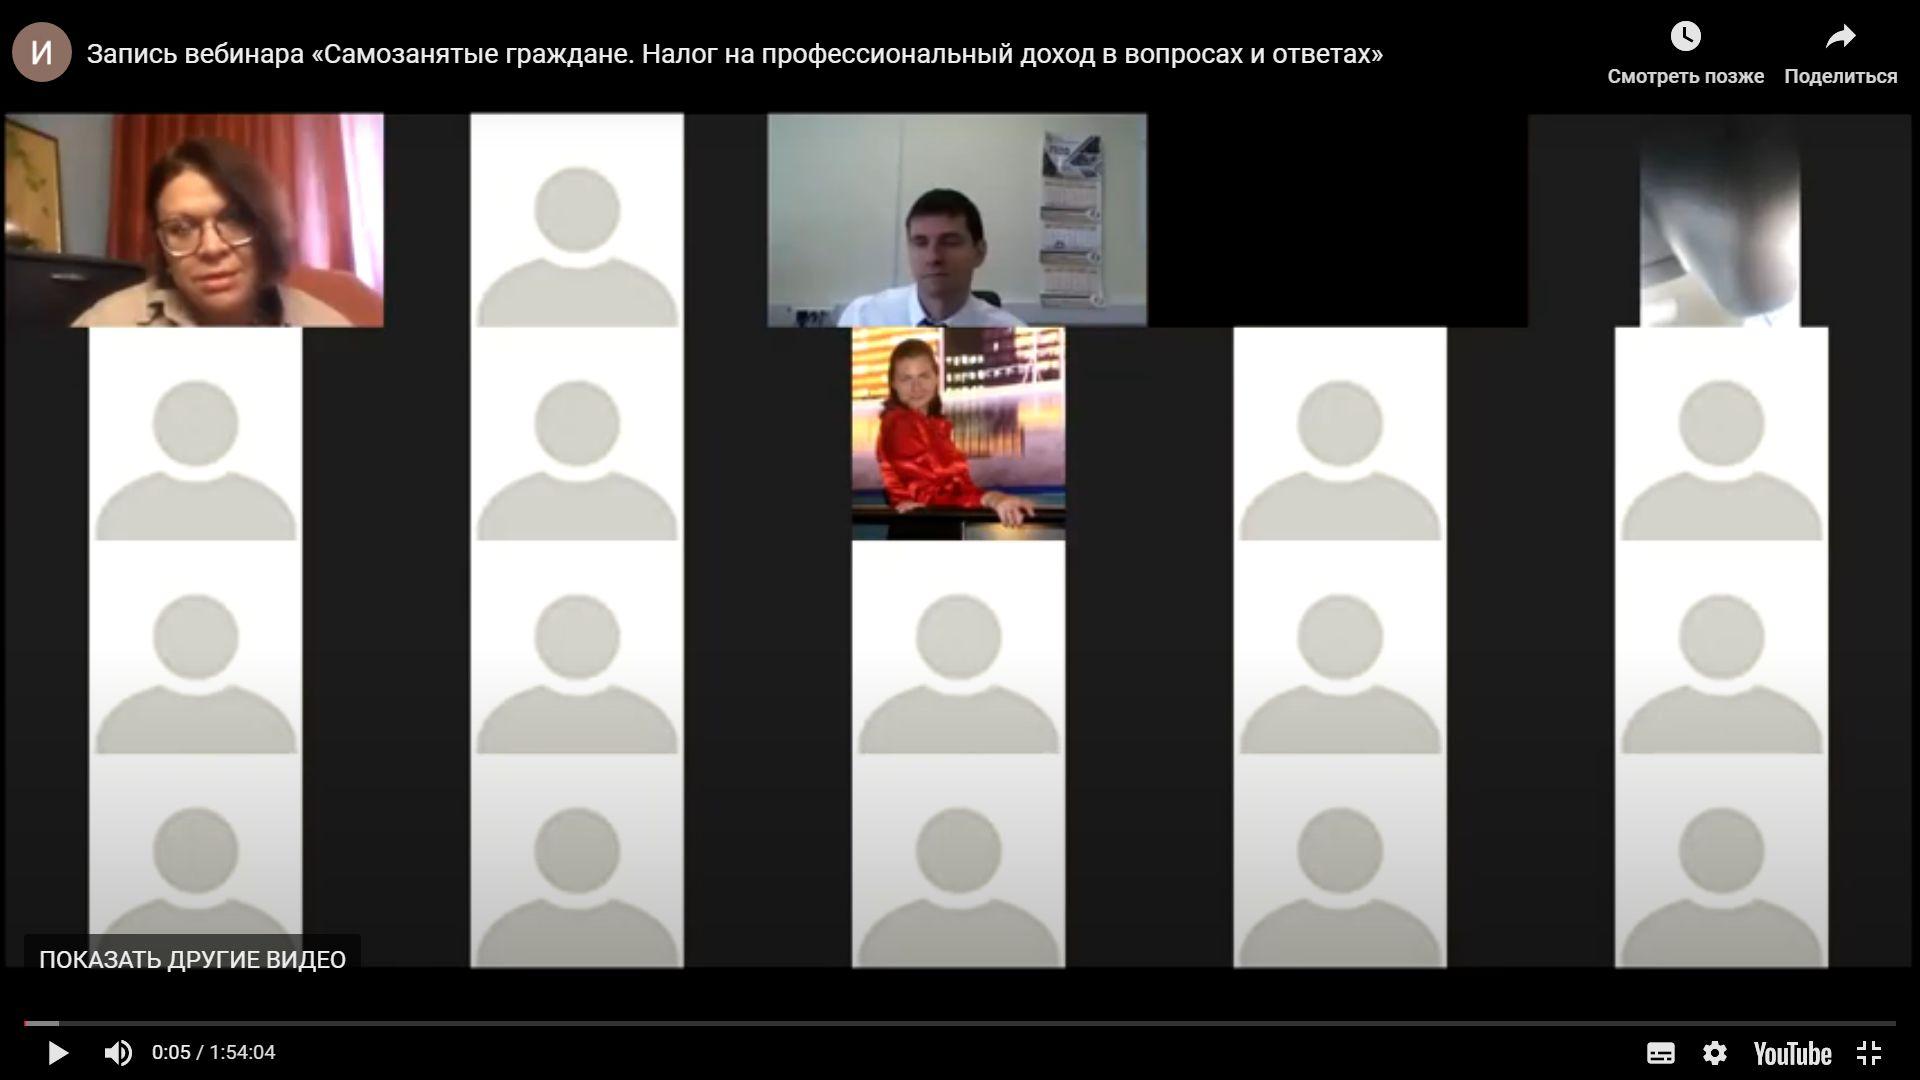 В Ярославской области более 4600 человек зарегистрировались в качестве самозанятых